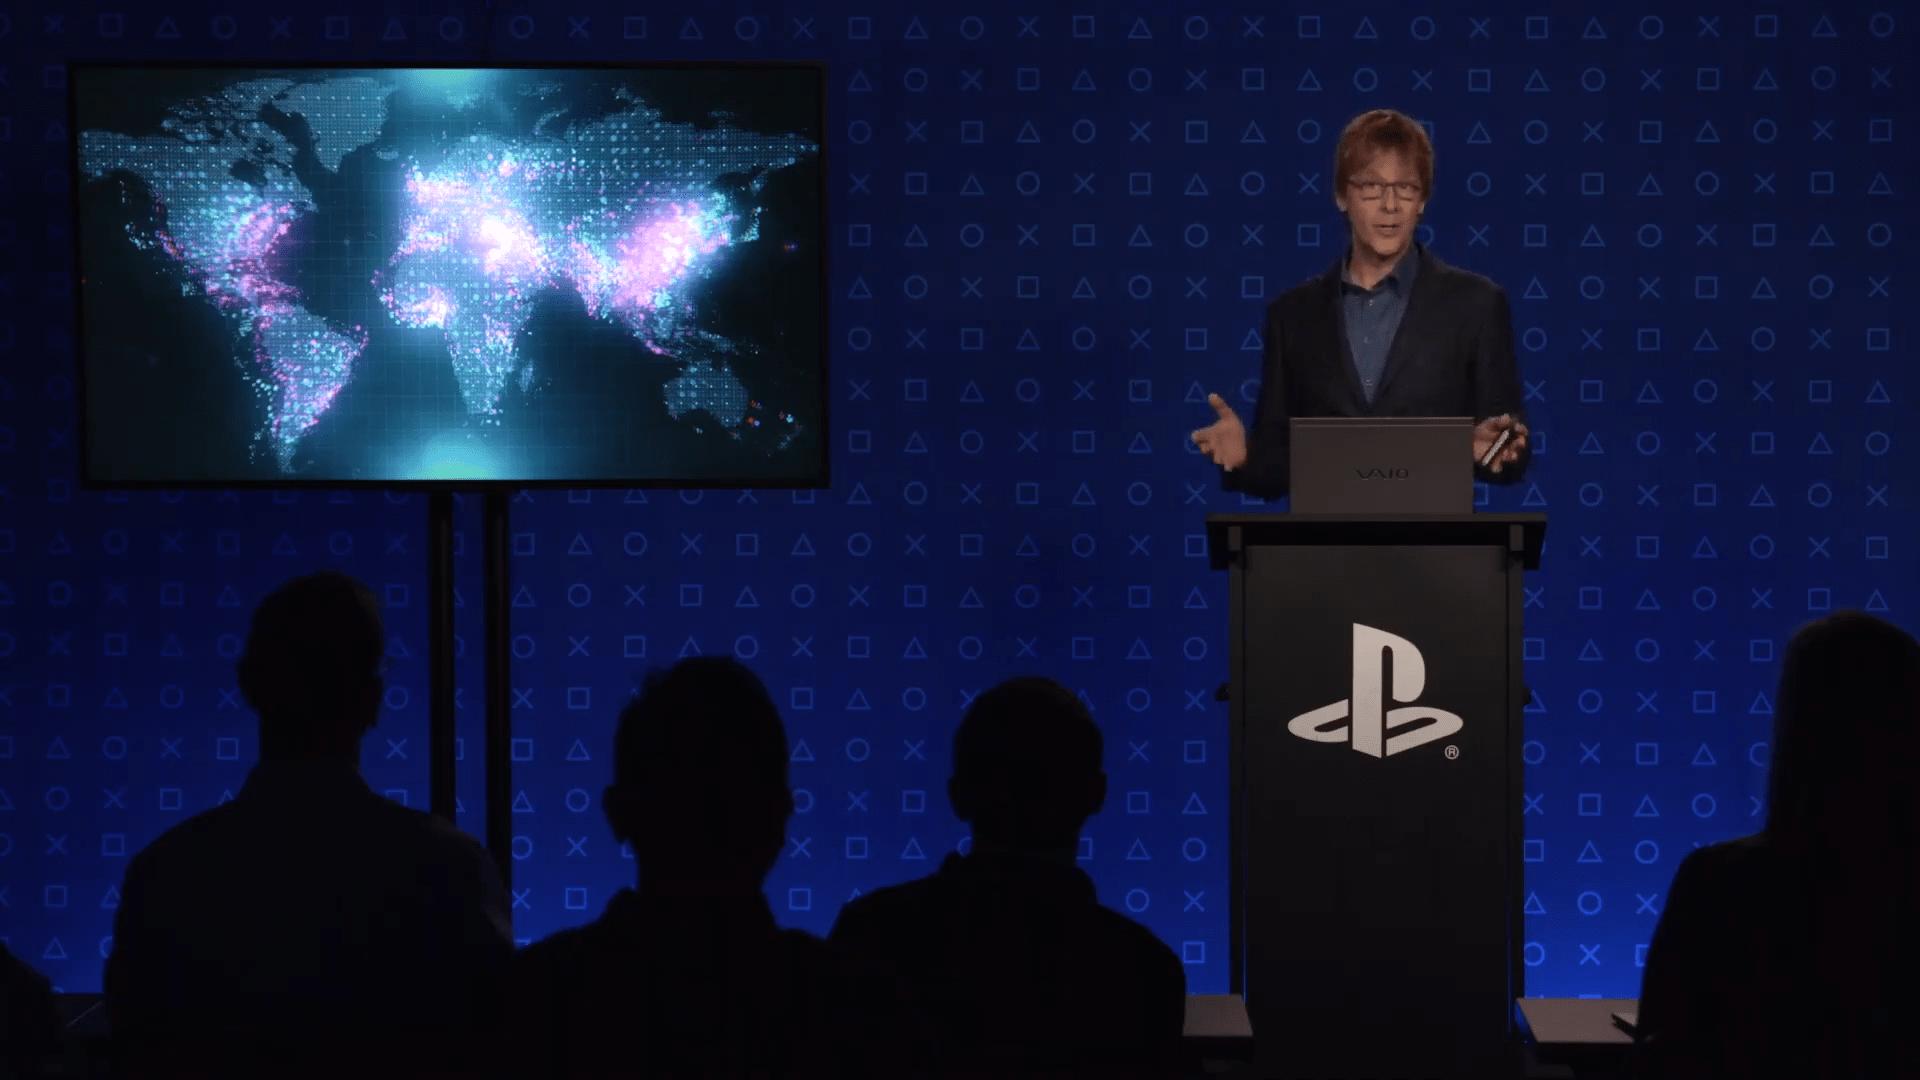 PlayStation 5 : rétrocompatibilité, performances, SSD… Sony déballe tout sur sa console next gen